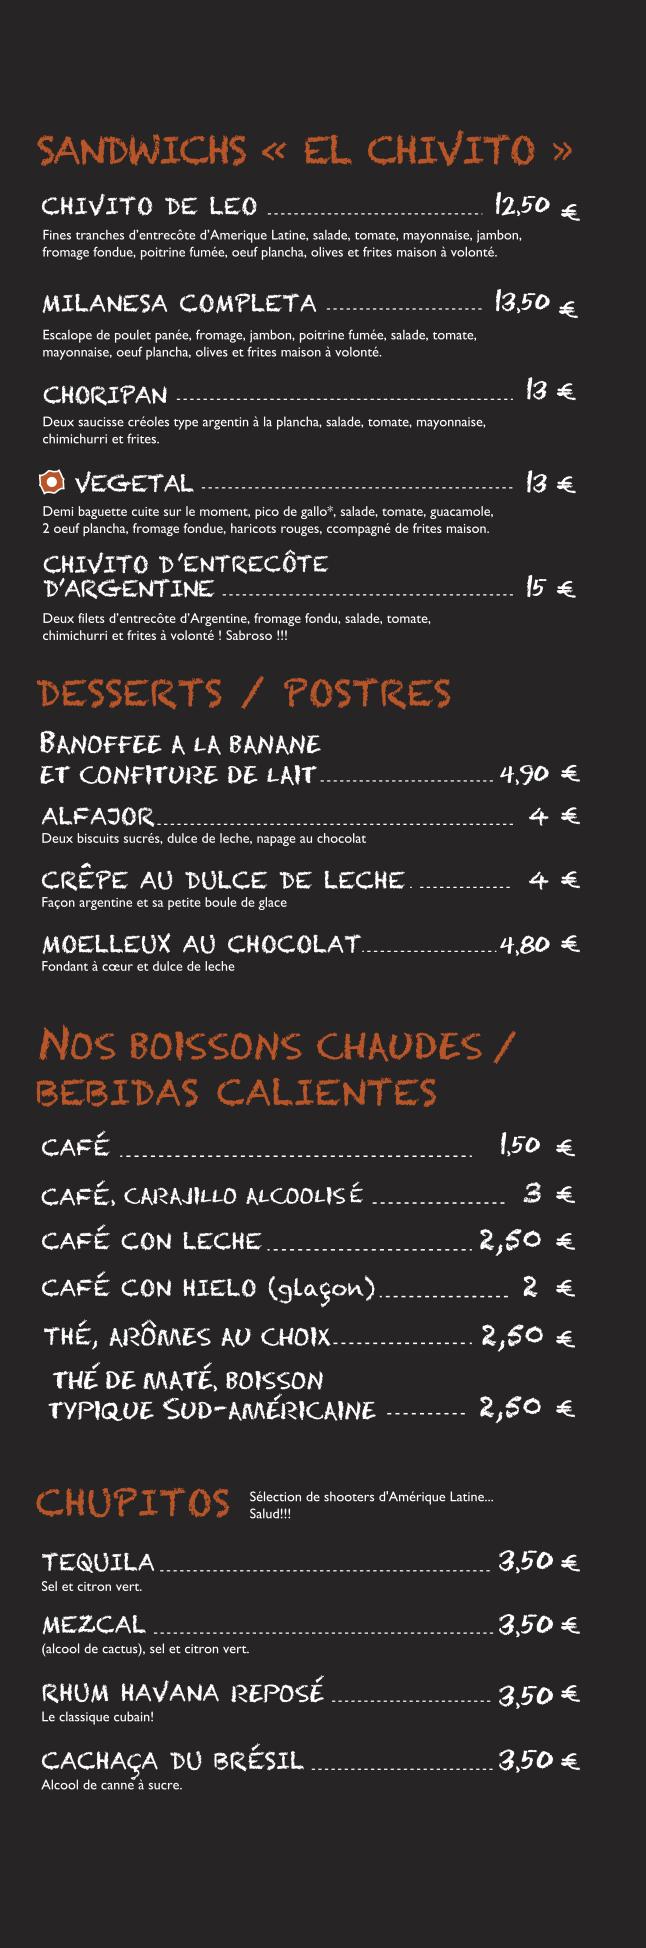 el-chivito-menu-3